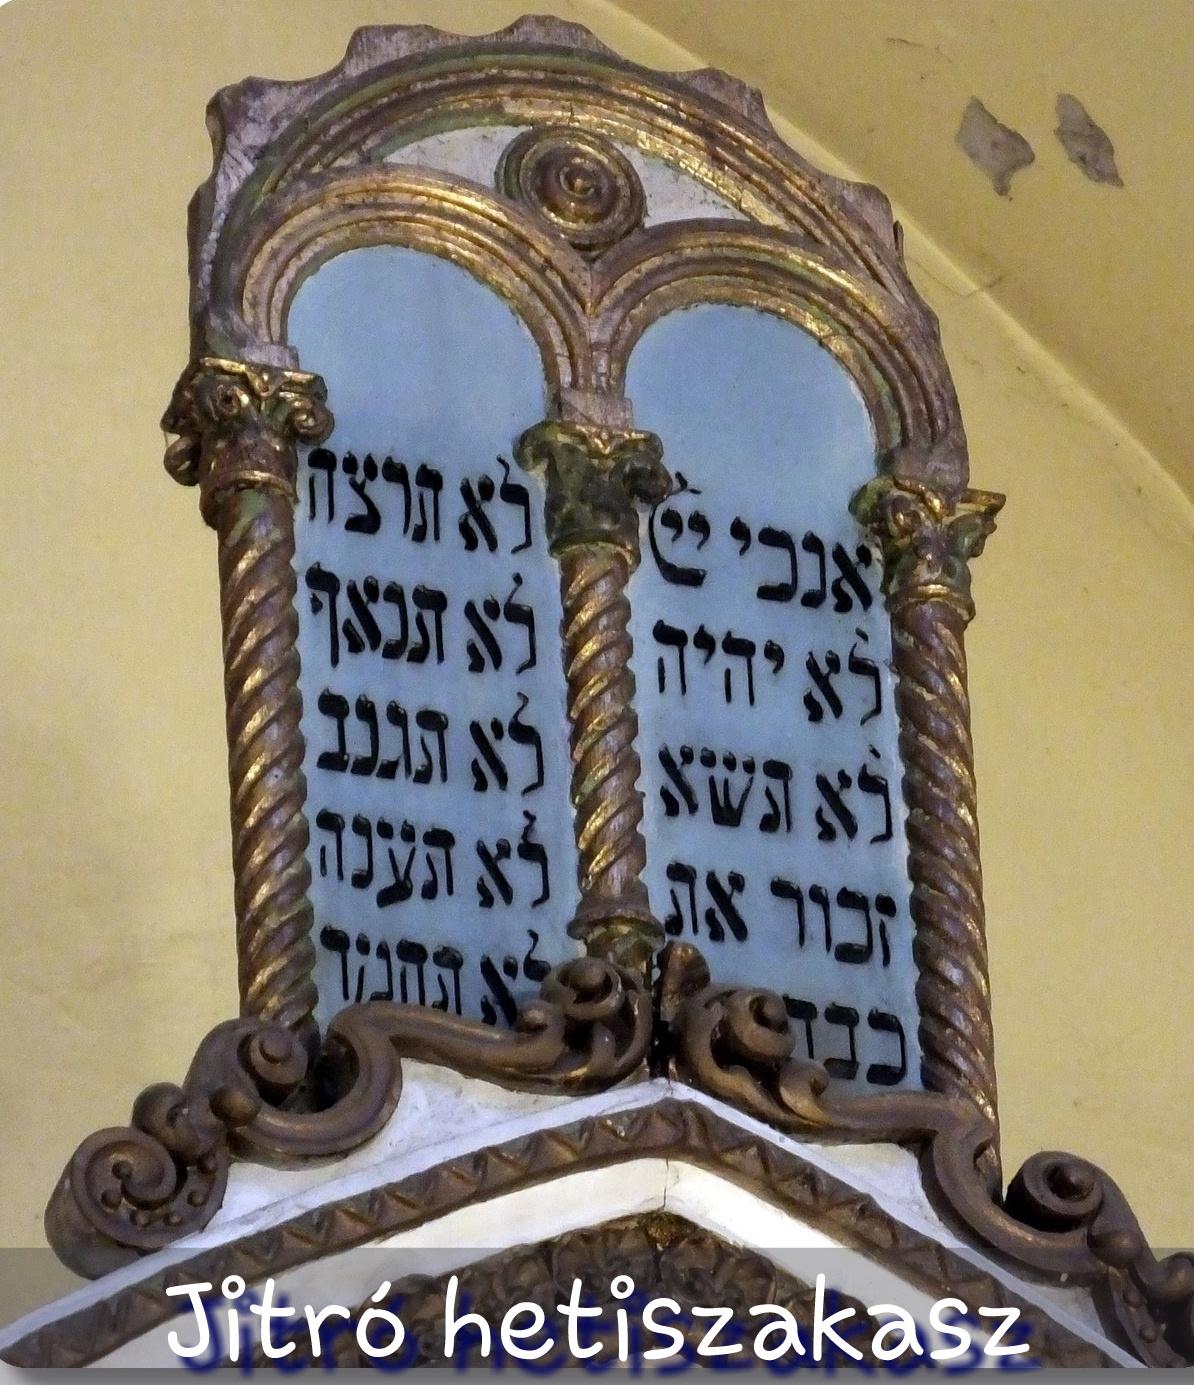 Jitró hetiszakasz, Tíz parancsolat